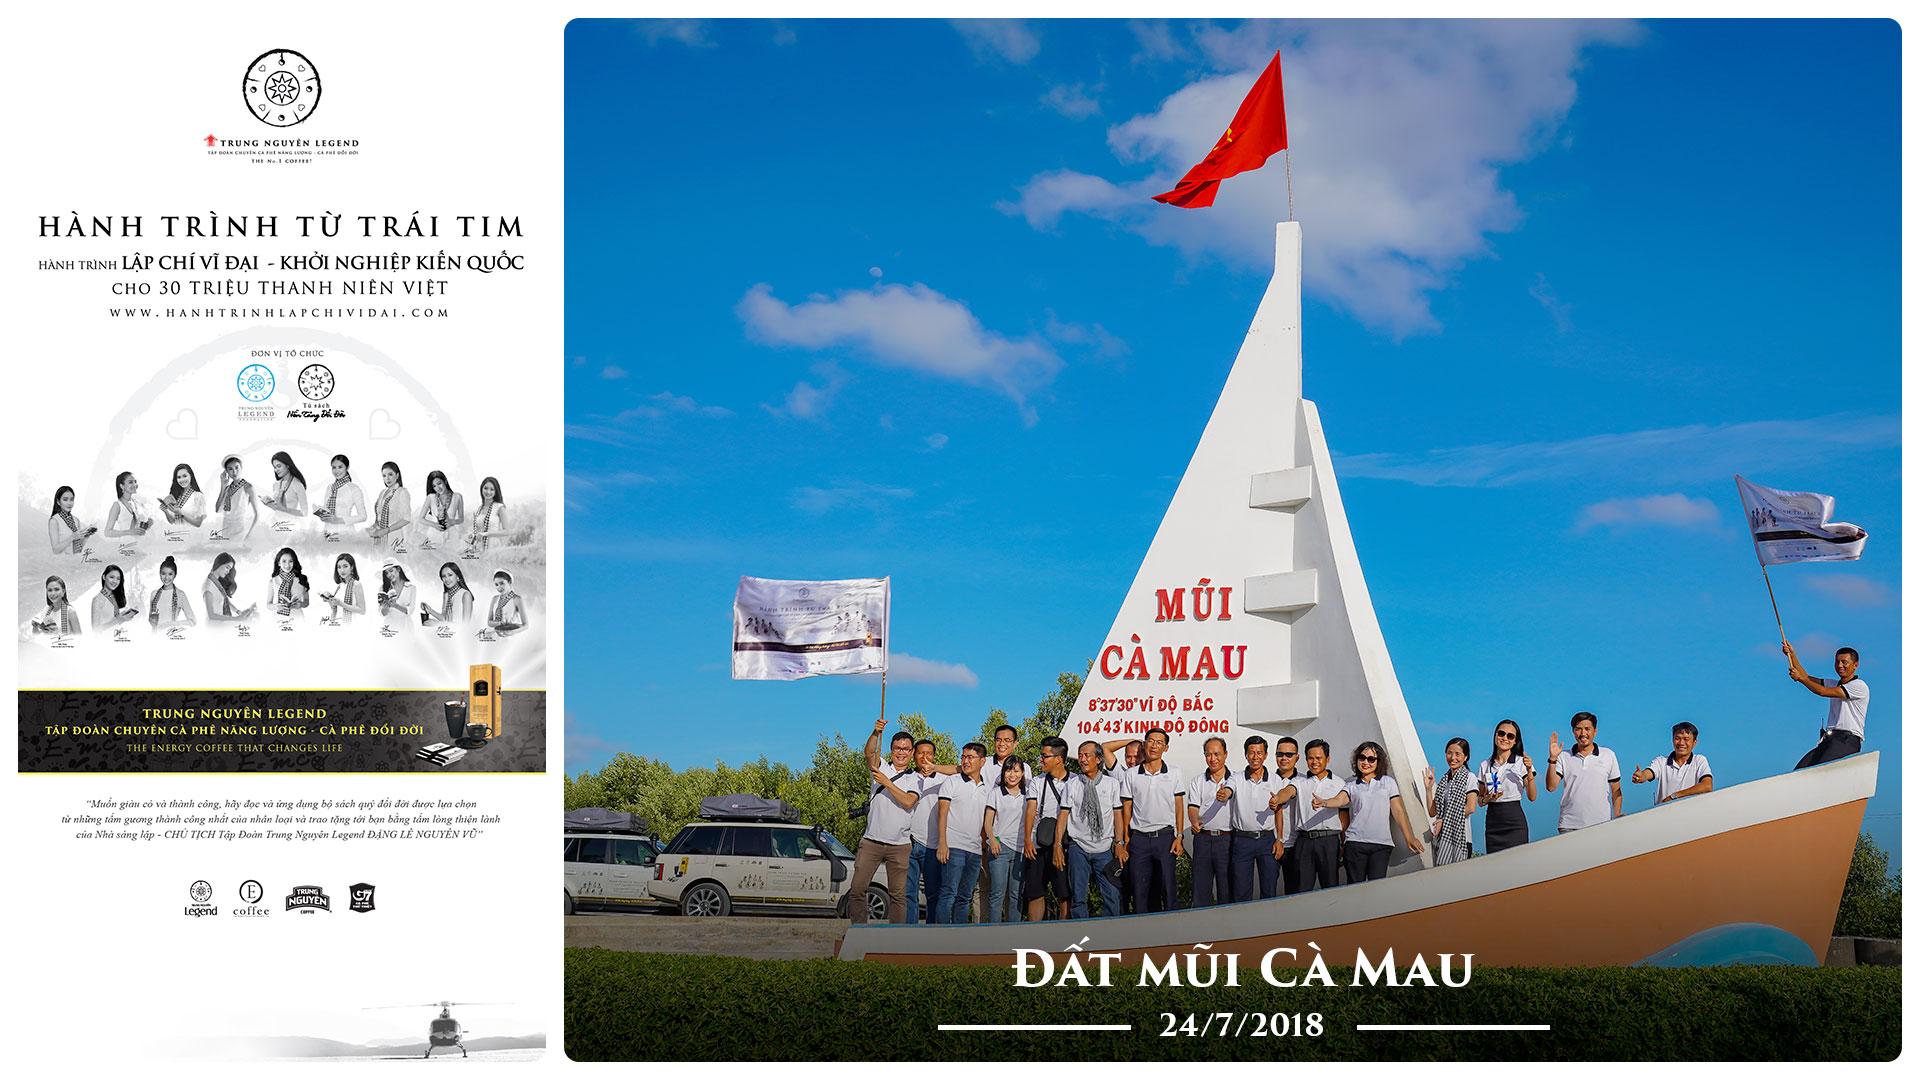 Nhật ký Hành trình Từ Trái Tim – Sách quý đổi đời đến với thanh niên Đất Mũi Cà Mau